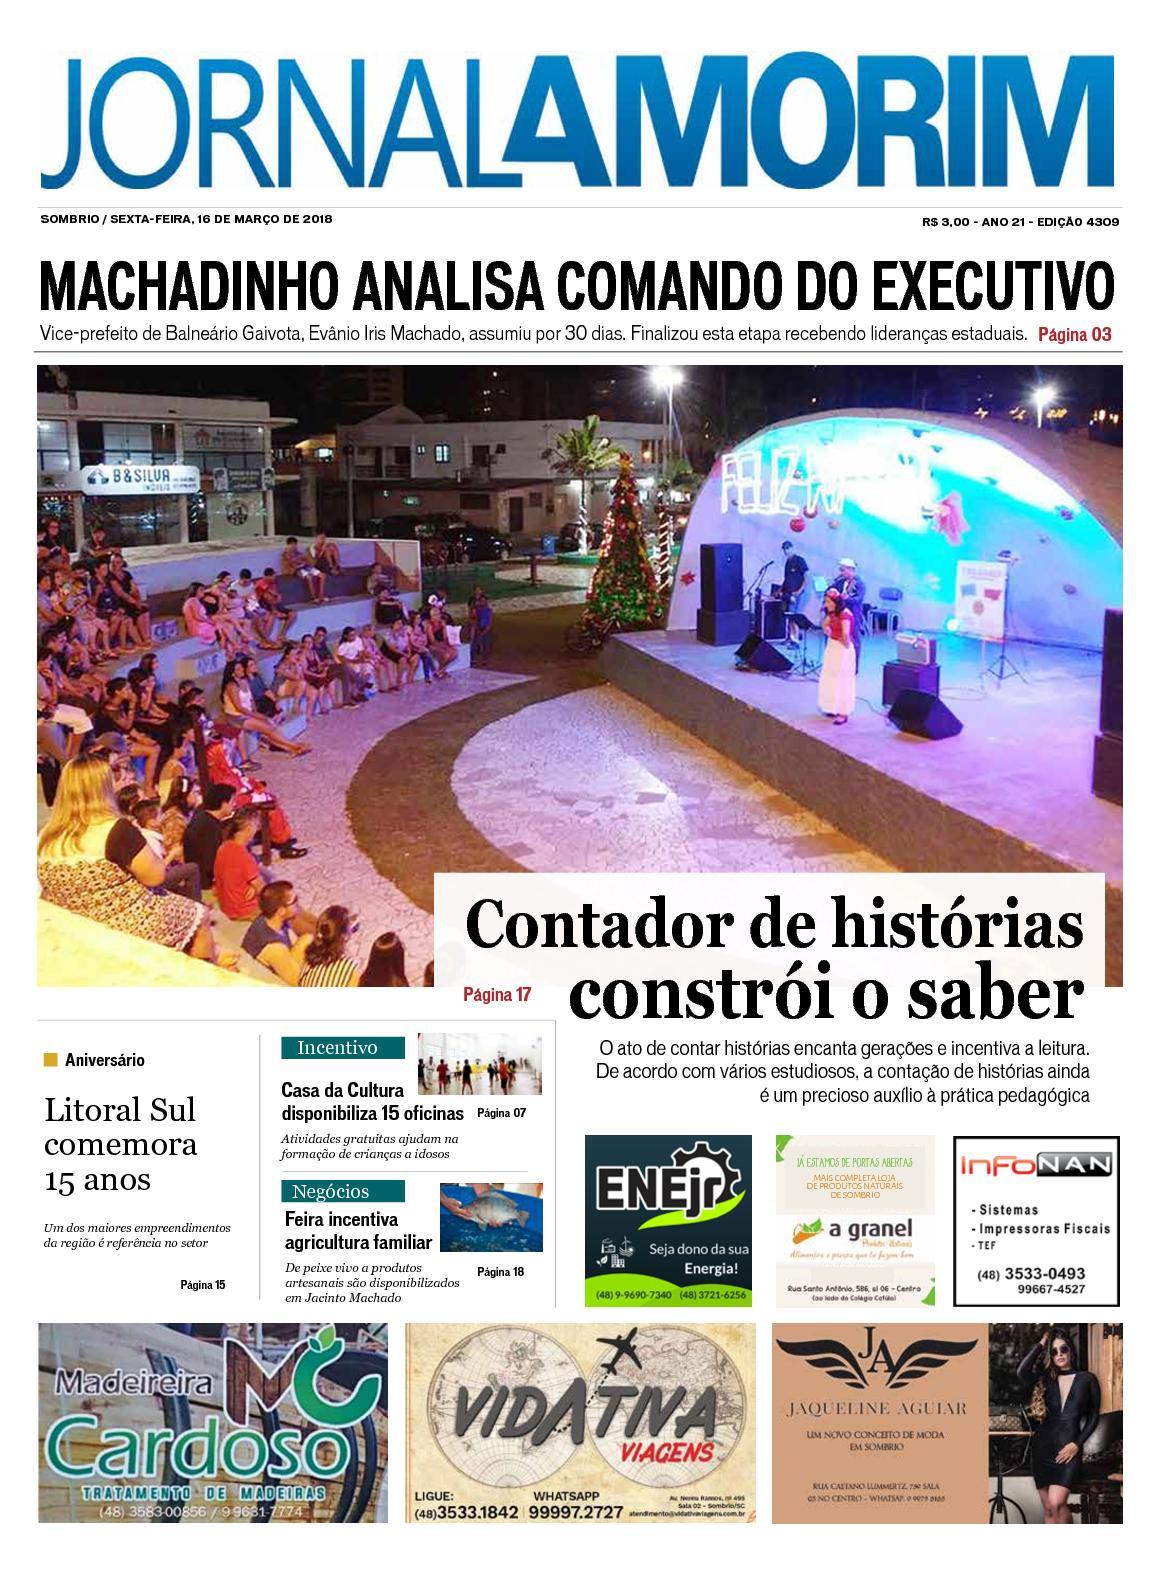 Calaméo - Jornal Amorim - 16-03-2018 5147696a4c